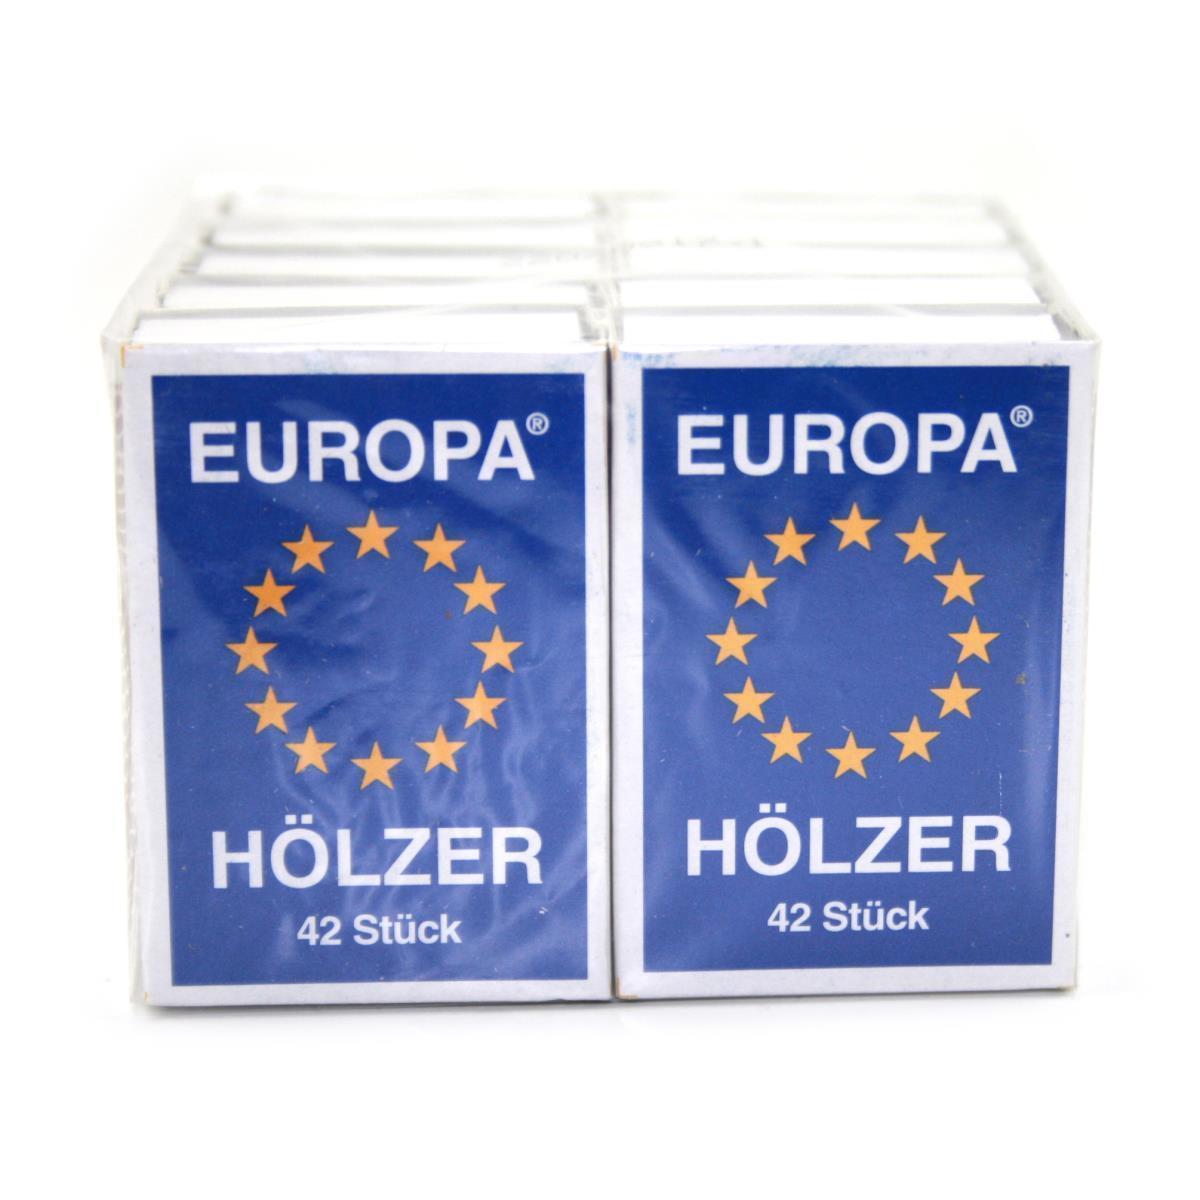 10 Schachteln Europa Streichhölzer, Zündhölzer, Zündholzschachtel,KM Zündholz International,4004753000504, 0721947484806